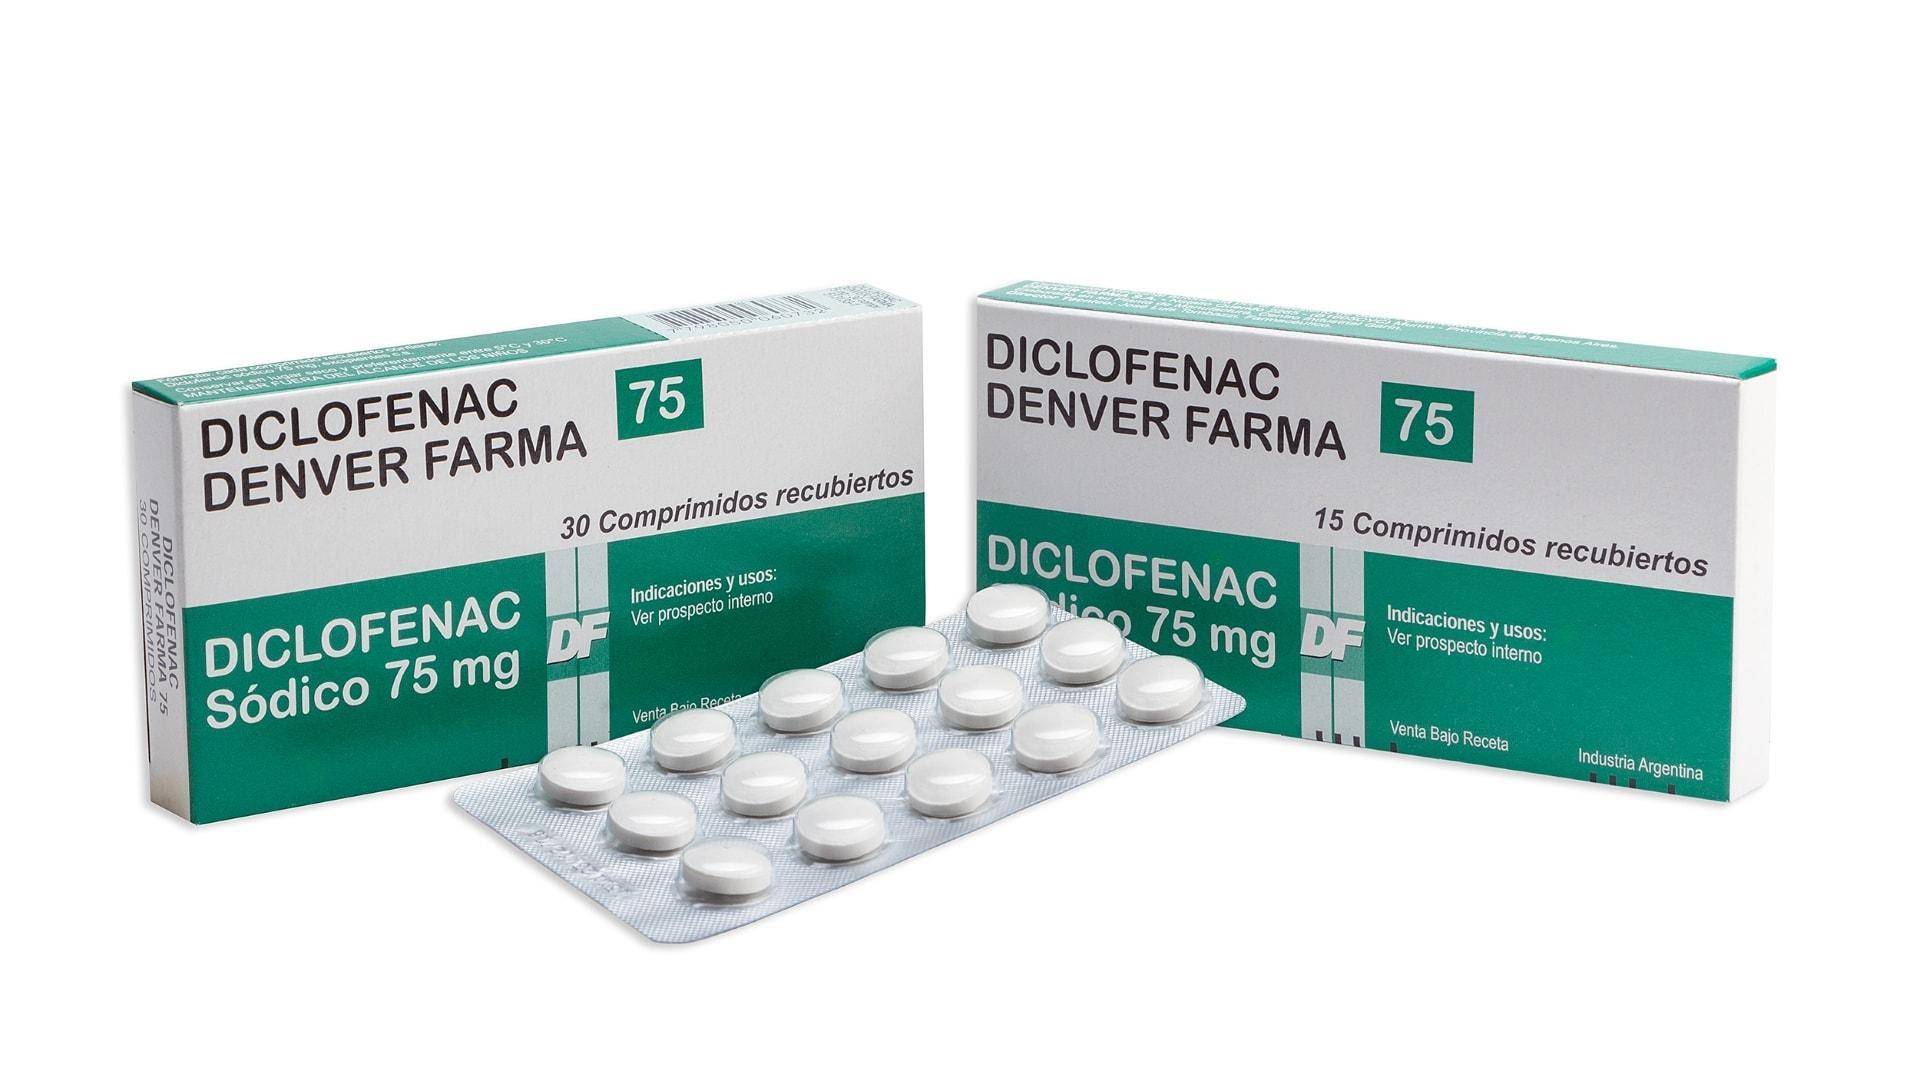 Диклофенак увеличивает риск инфаркта и инсульта